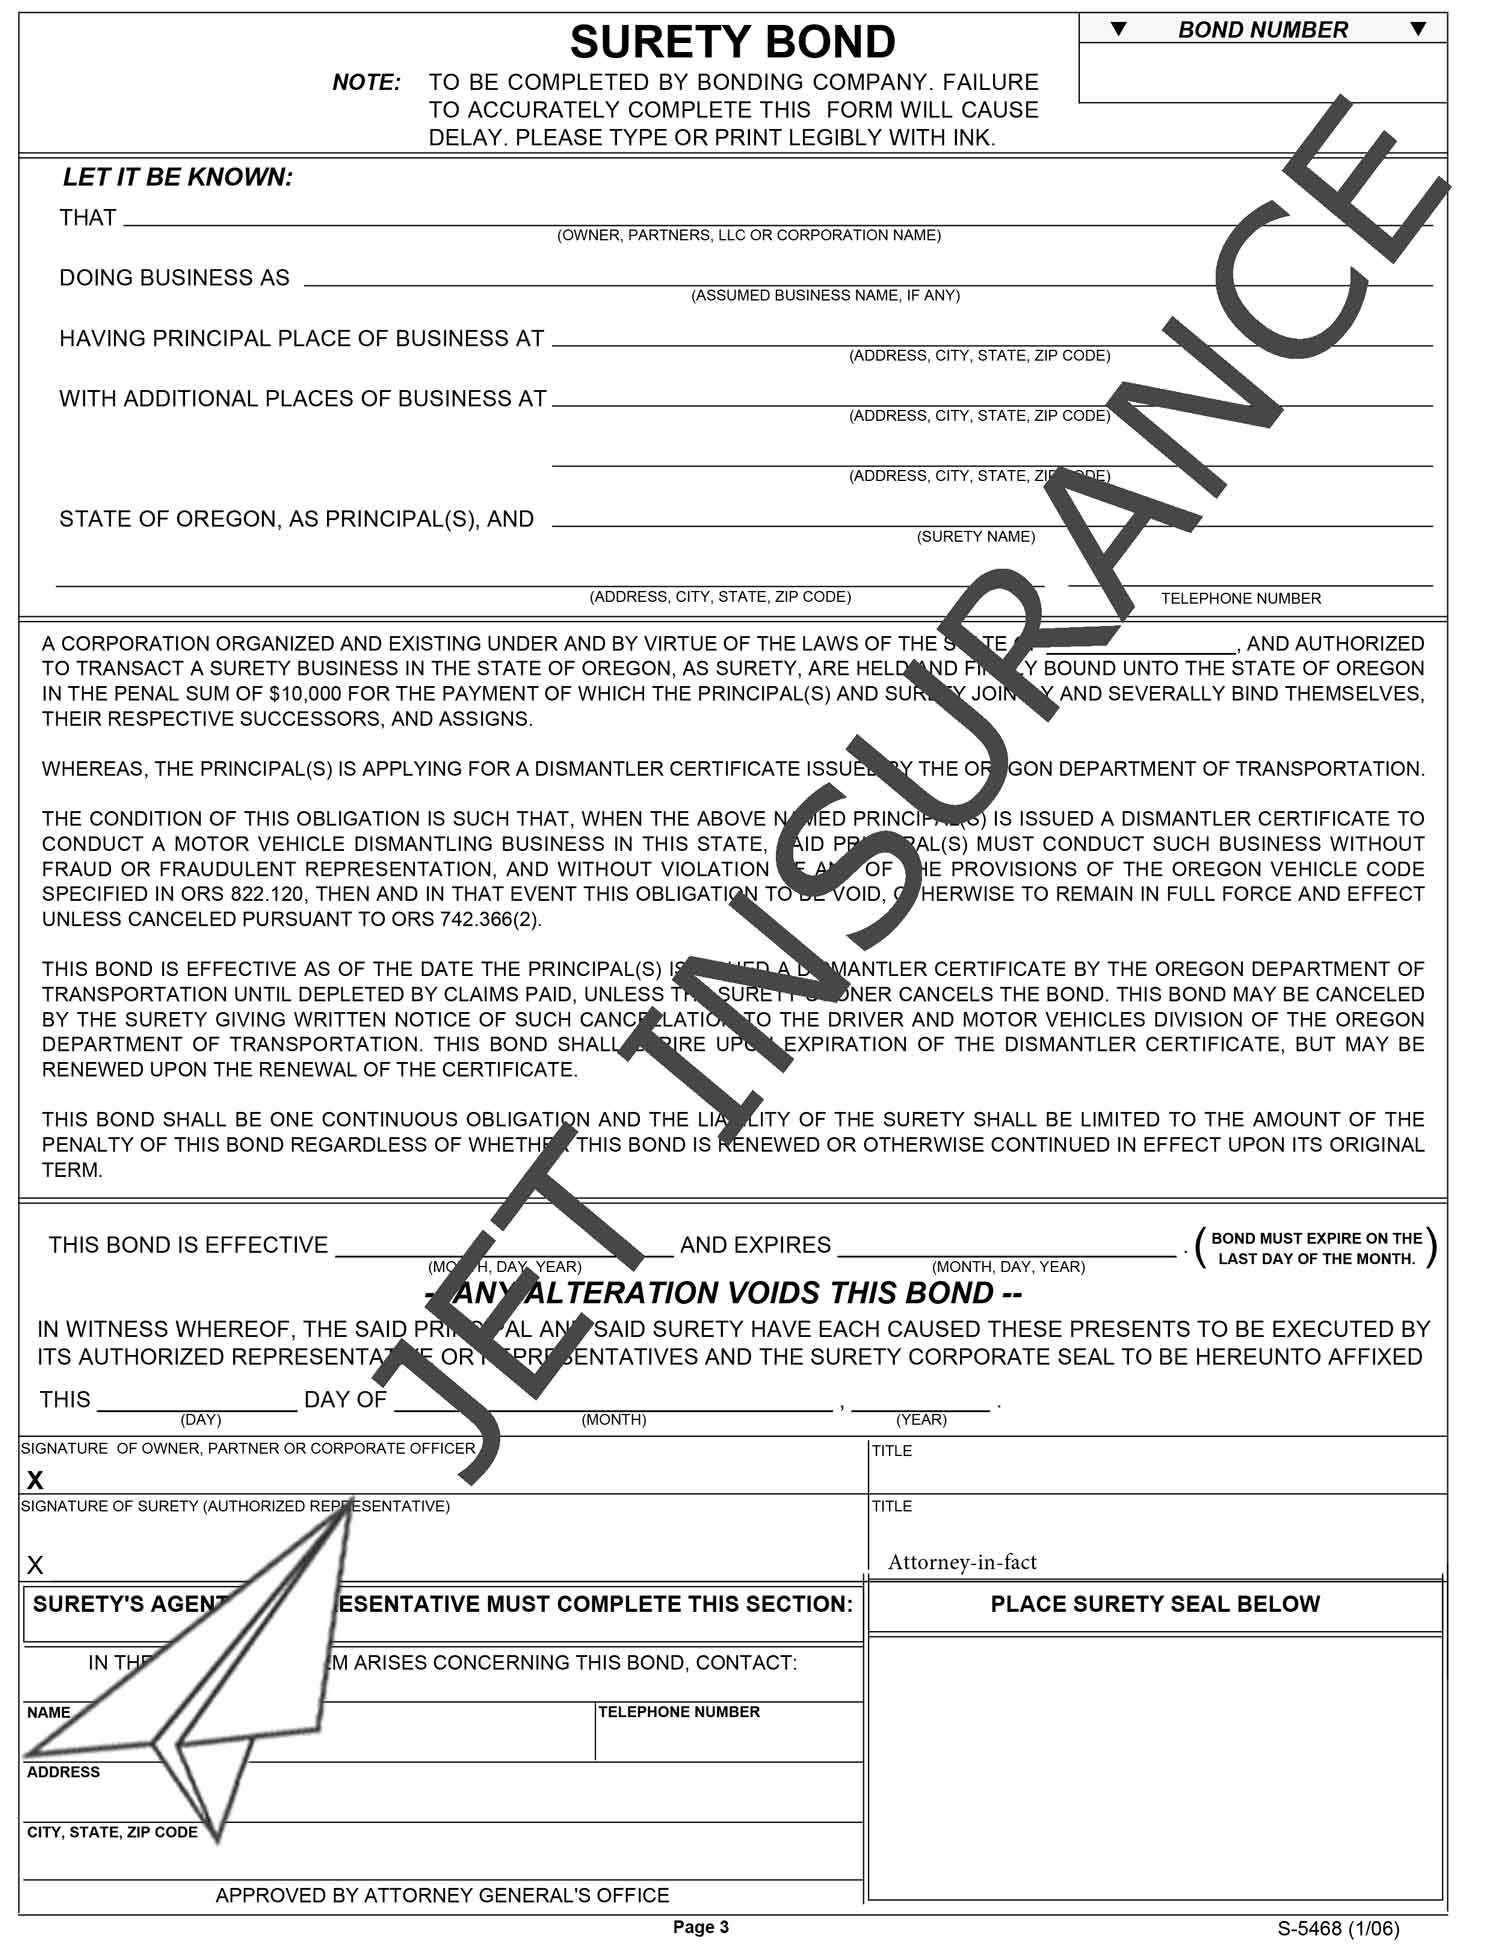 Oregon Motor Vehicle Dismantler Bond Form